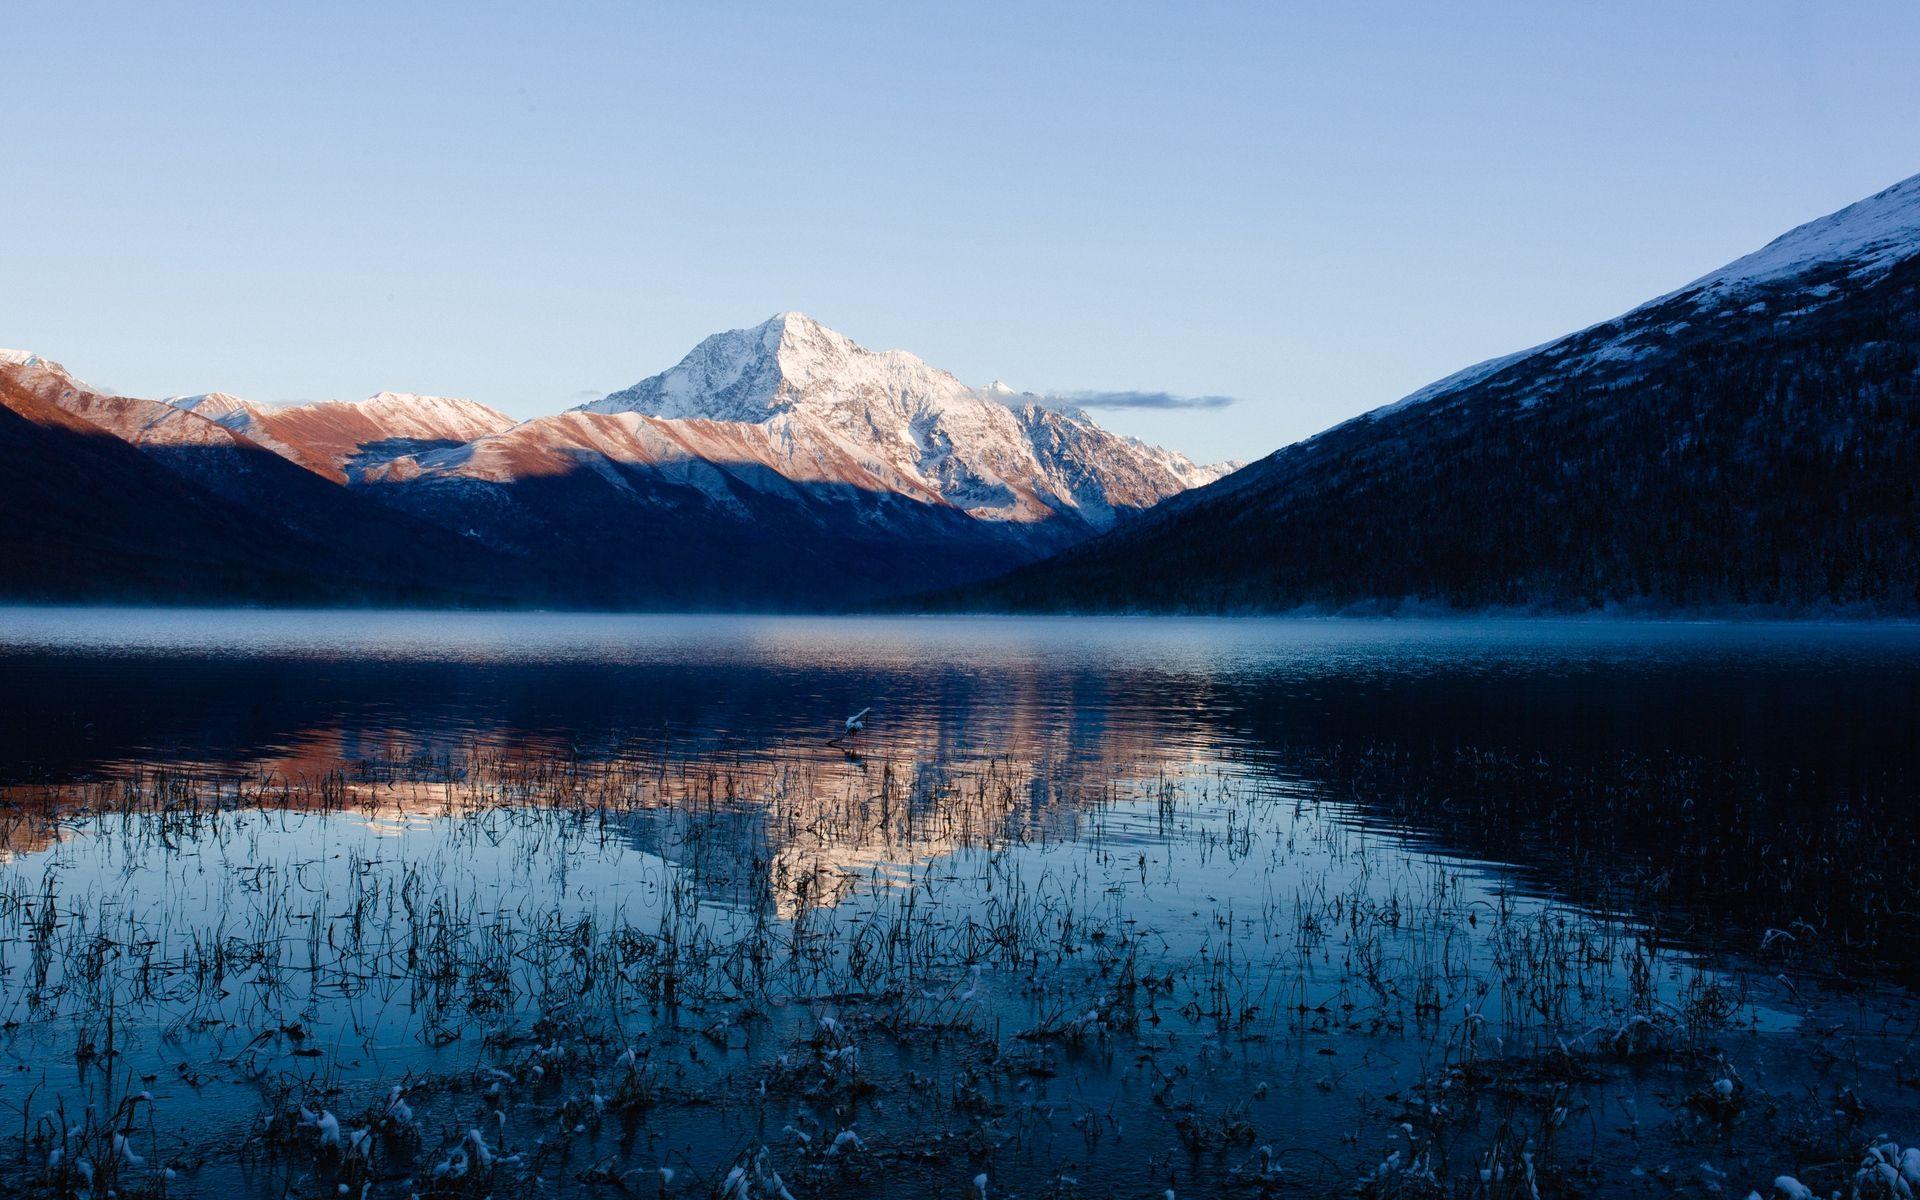 Lake Mountain Wallpaper Hd Mountain Wallpaper Lake Mountain Hd Wallpaper